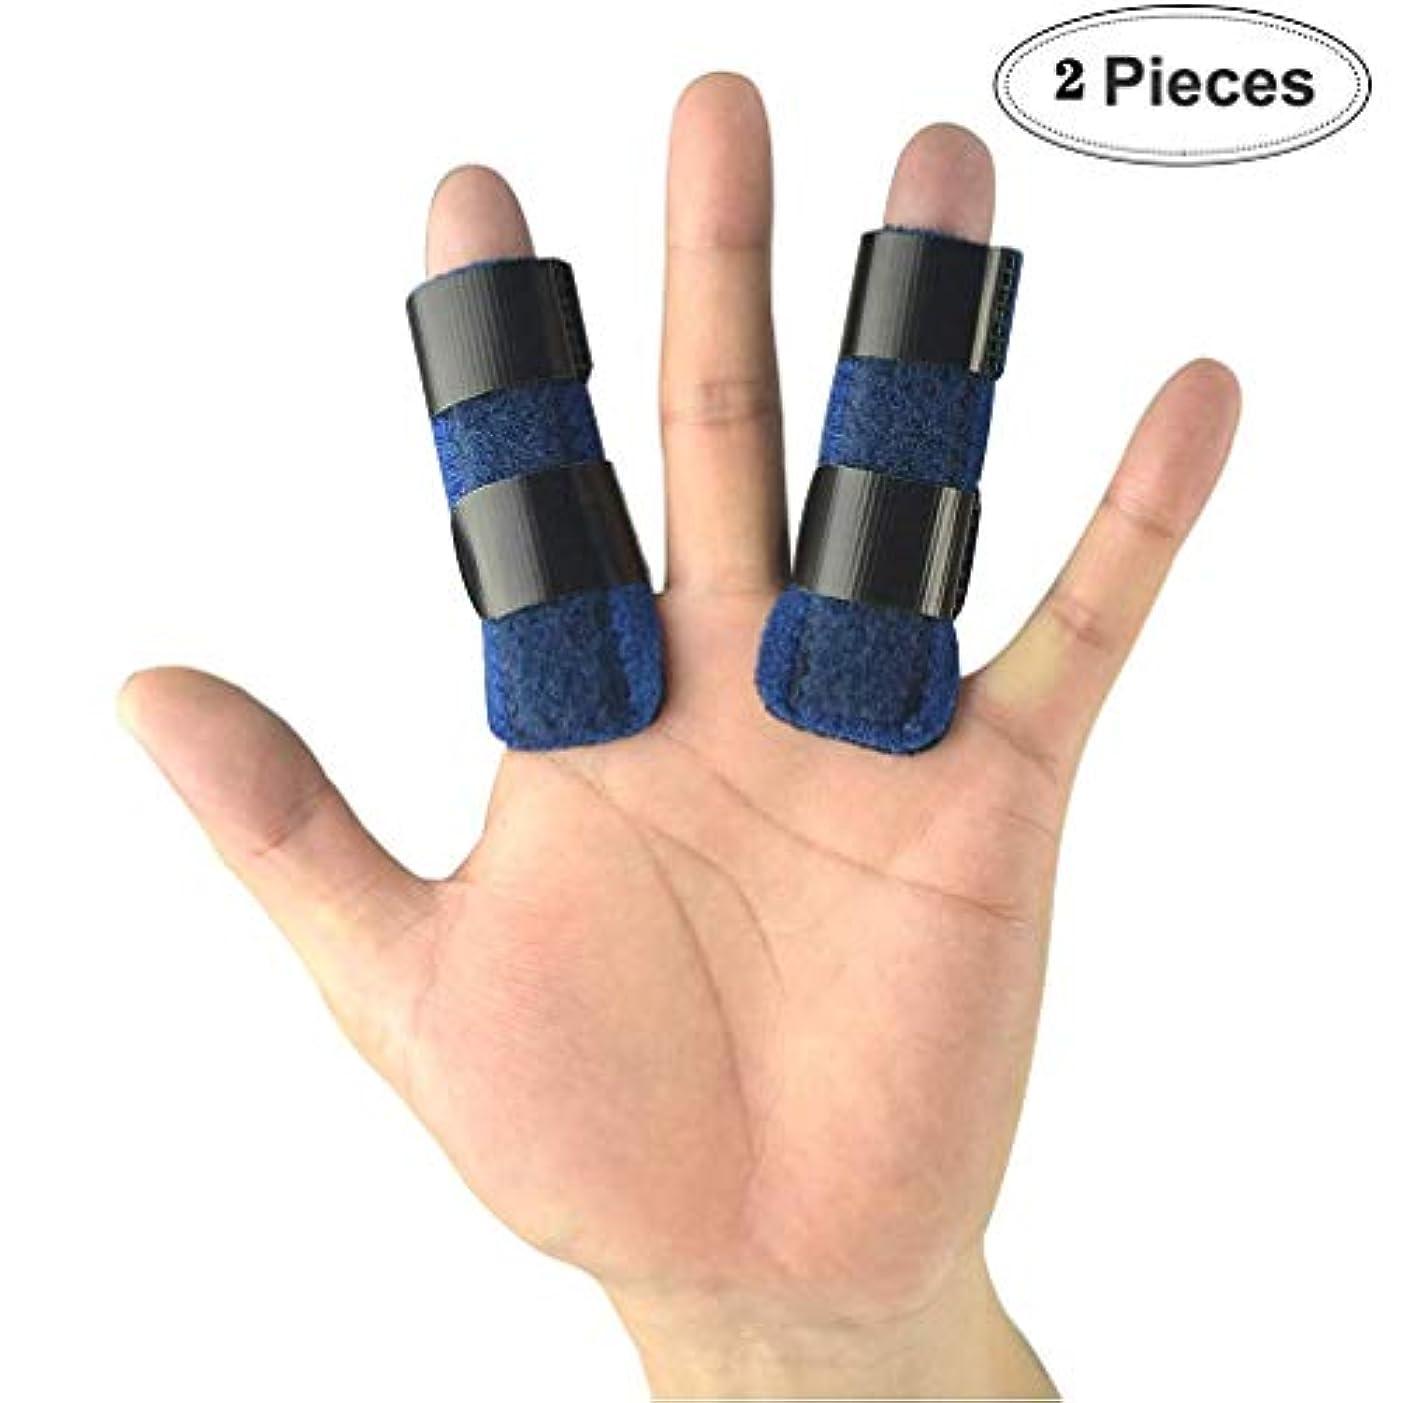 非行ライターアジア人ブロークン?フィンガー(2セット)マレット指中指、小指の指、関節炎のためのビルトインサポートアルミトリガーばね指スプリント、指サポートブレース、